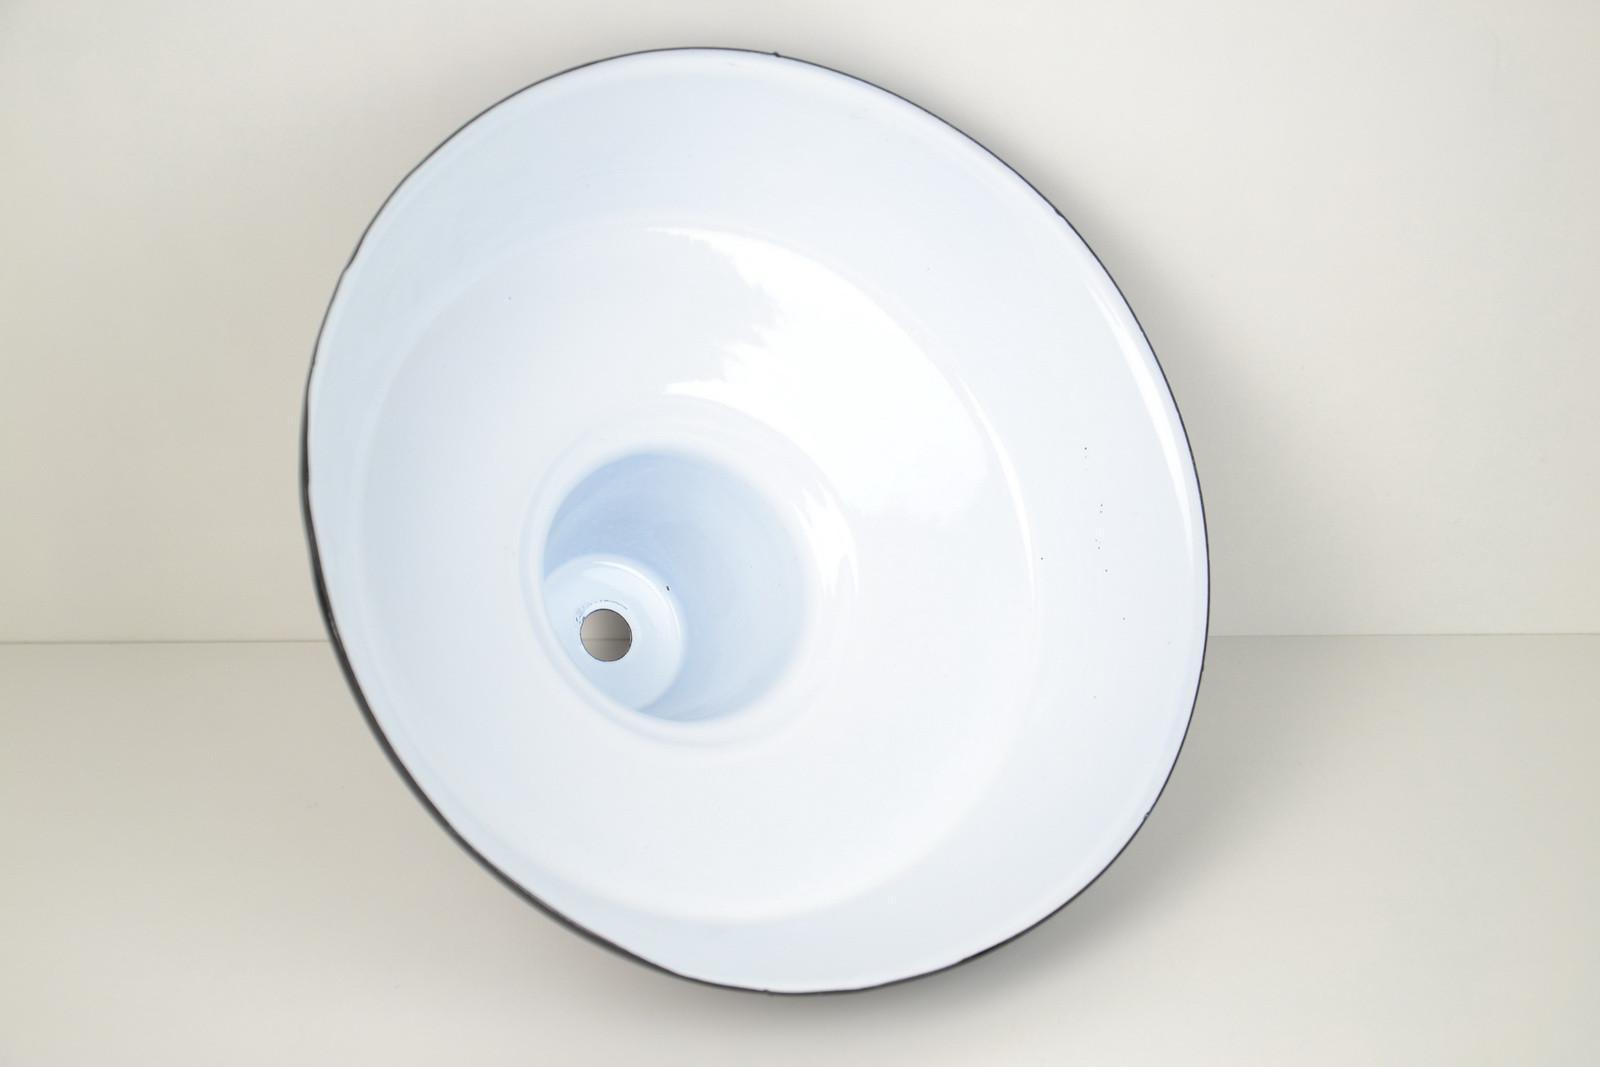 riflettore-smaltato-cono-lampada-industriale-1,1893.jpg?WebbinsCacheCounter=1